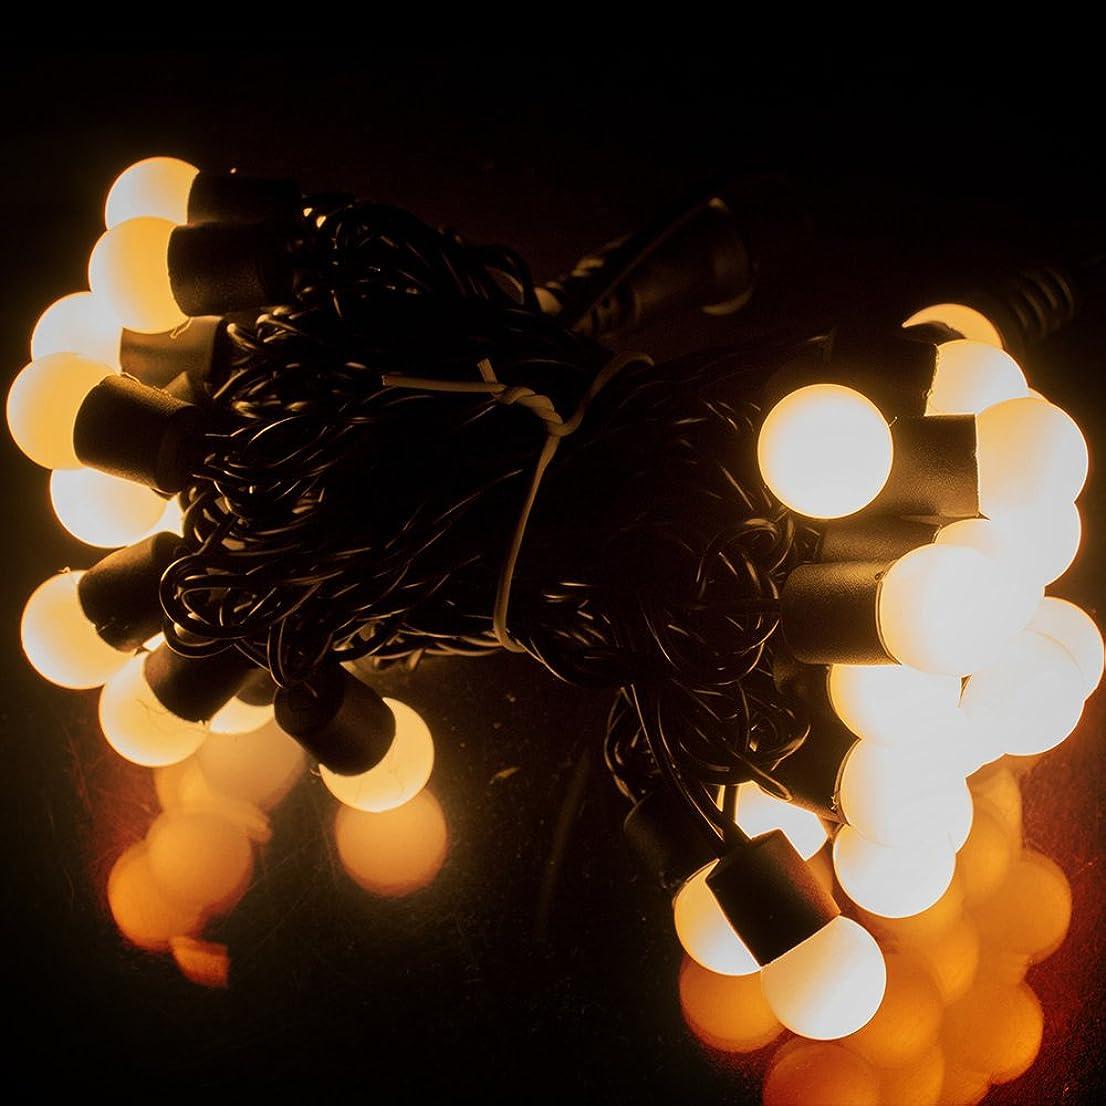 革命的ガムくしゃみ電光ホーム イルミネーション カラーボール ボール型 [ 16パターン 点灯 ] 屋外 防水 防雨 クリスマスツリー ハロウィン DIY 5m LEDライト 50球 (ウォームホワイト)